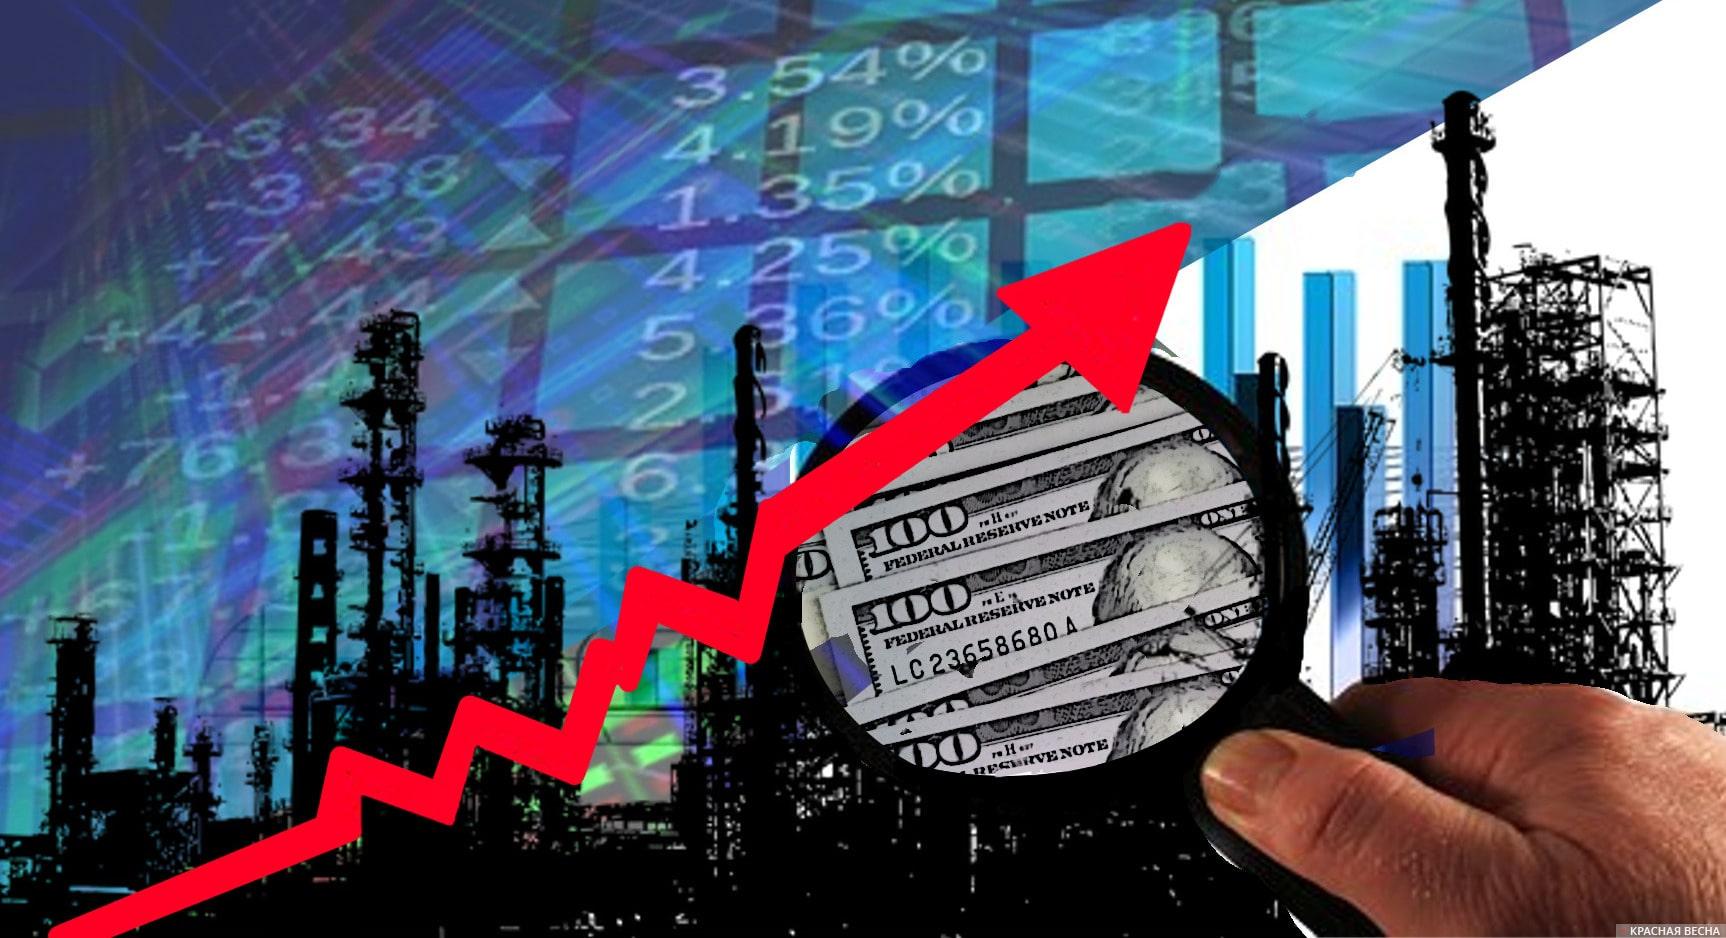 Обзор последних событий на сырьевом рынке, Фото № 2 - 1-consult.net